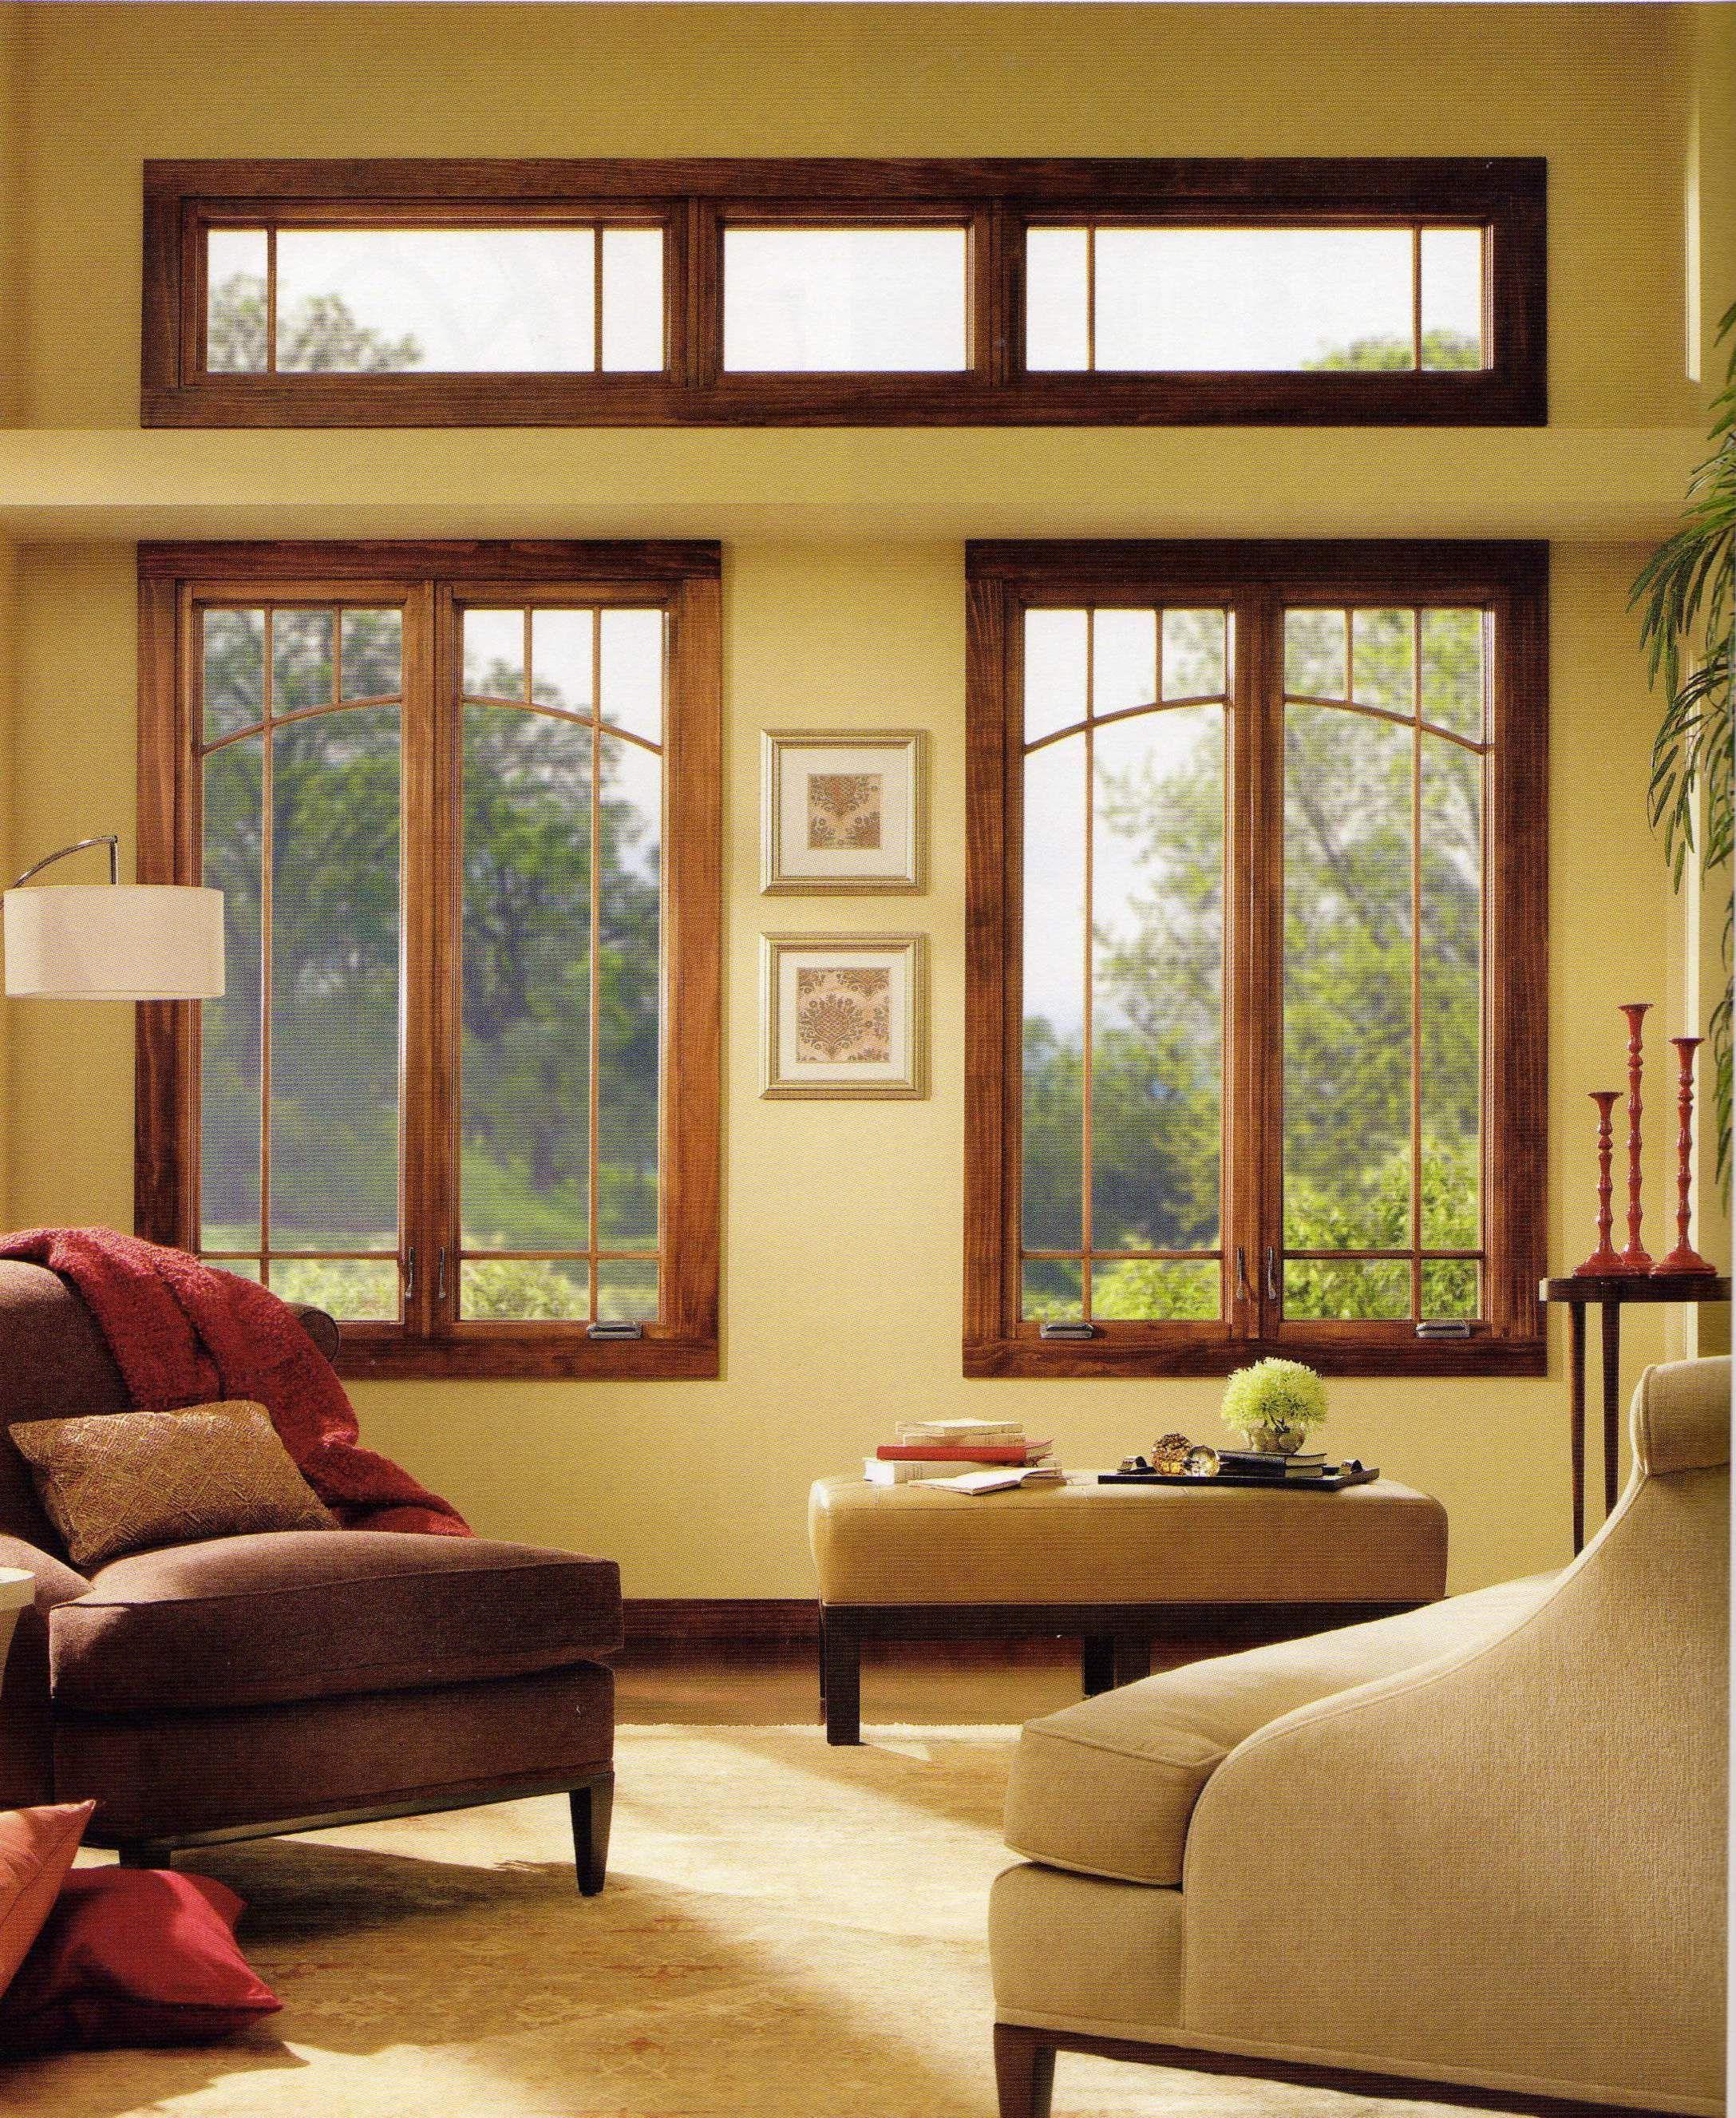 Ventana con decoraci n artesanal y ventana de marco for Ventanas de aluminio con marco de madera